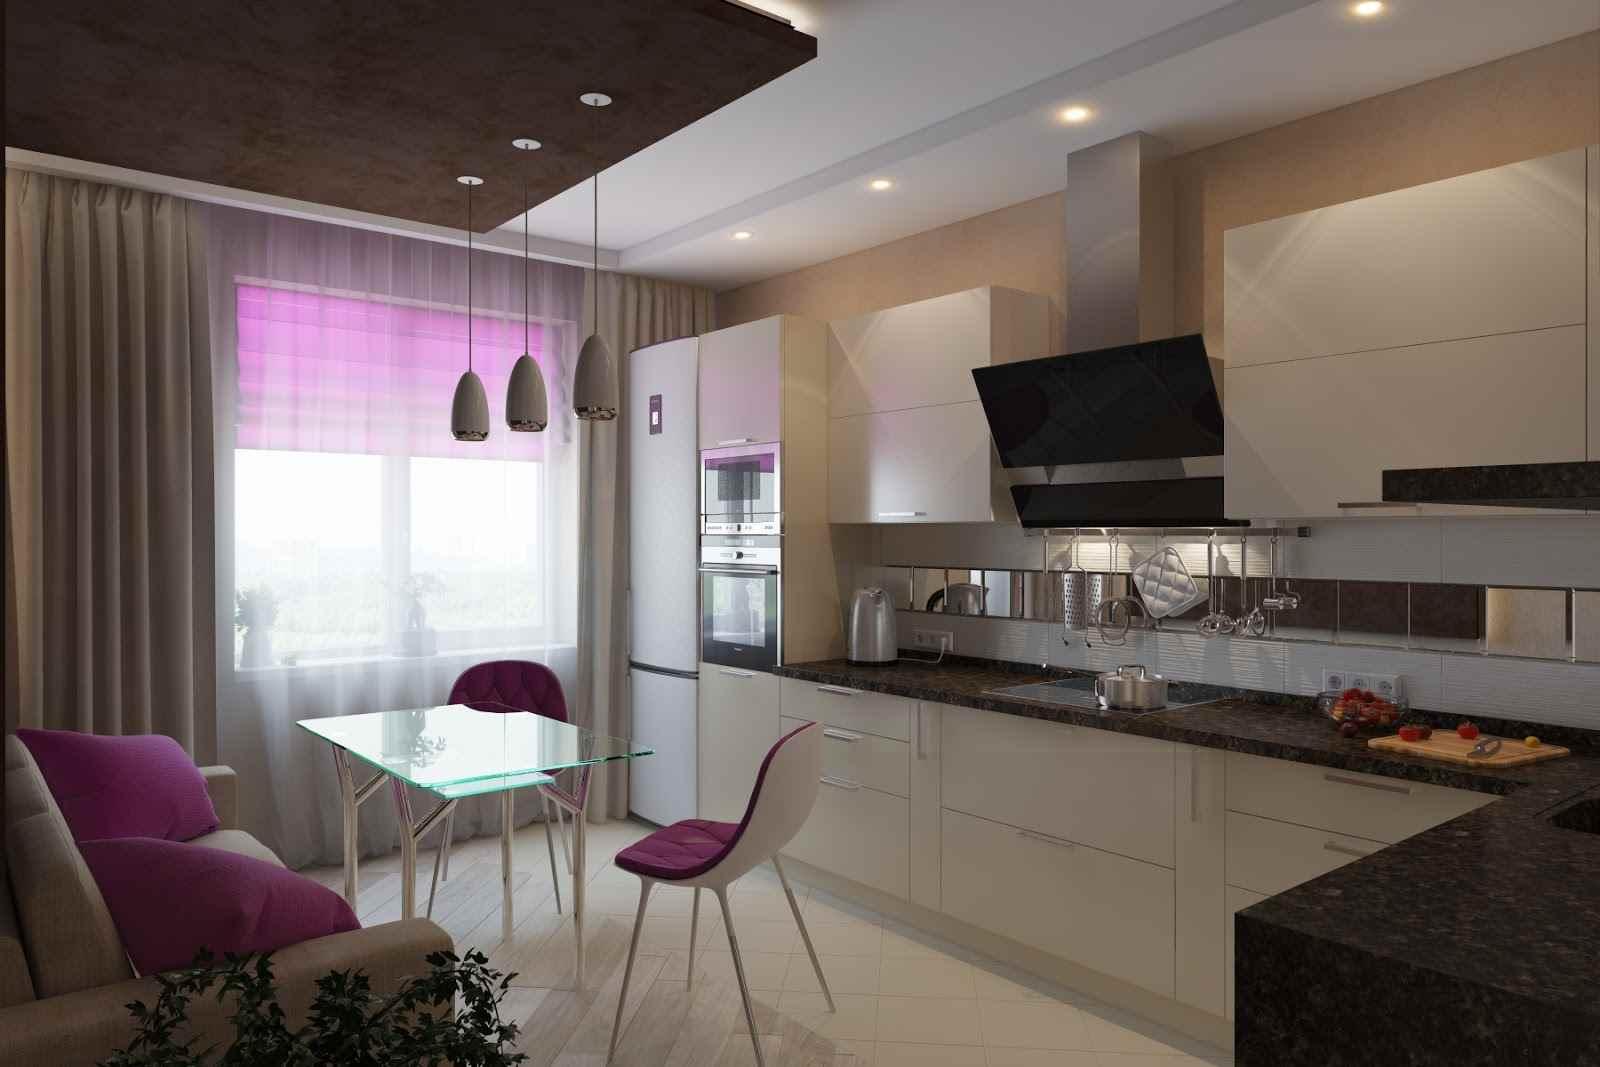 Варианты дизайна кухни площадью 11 кв. м